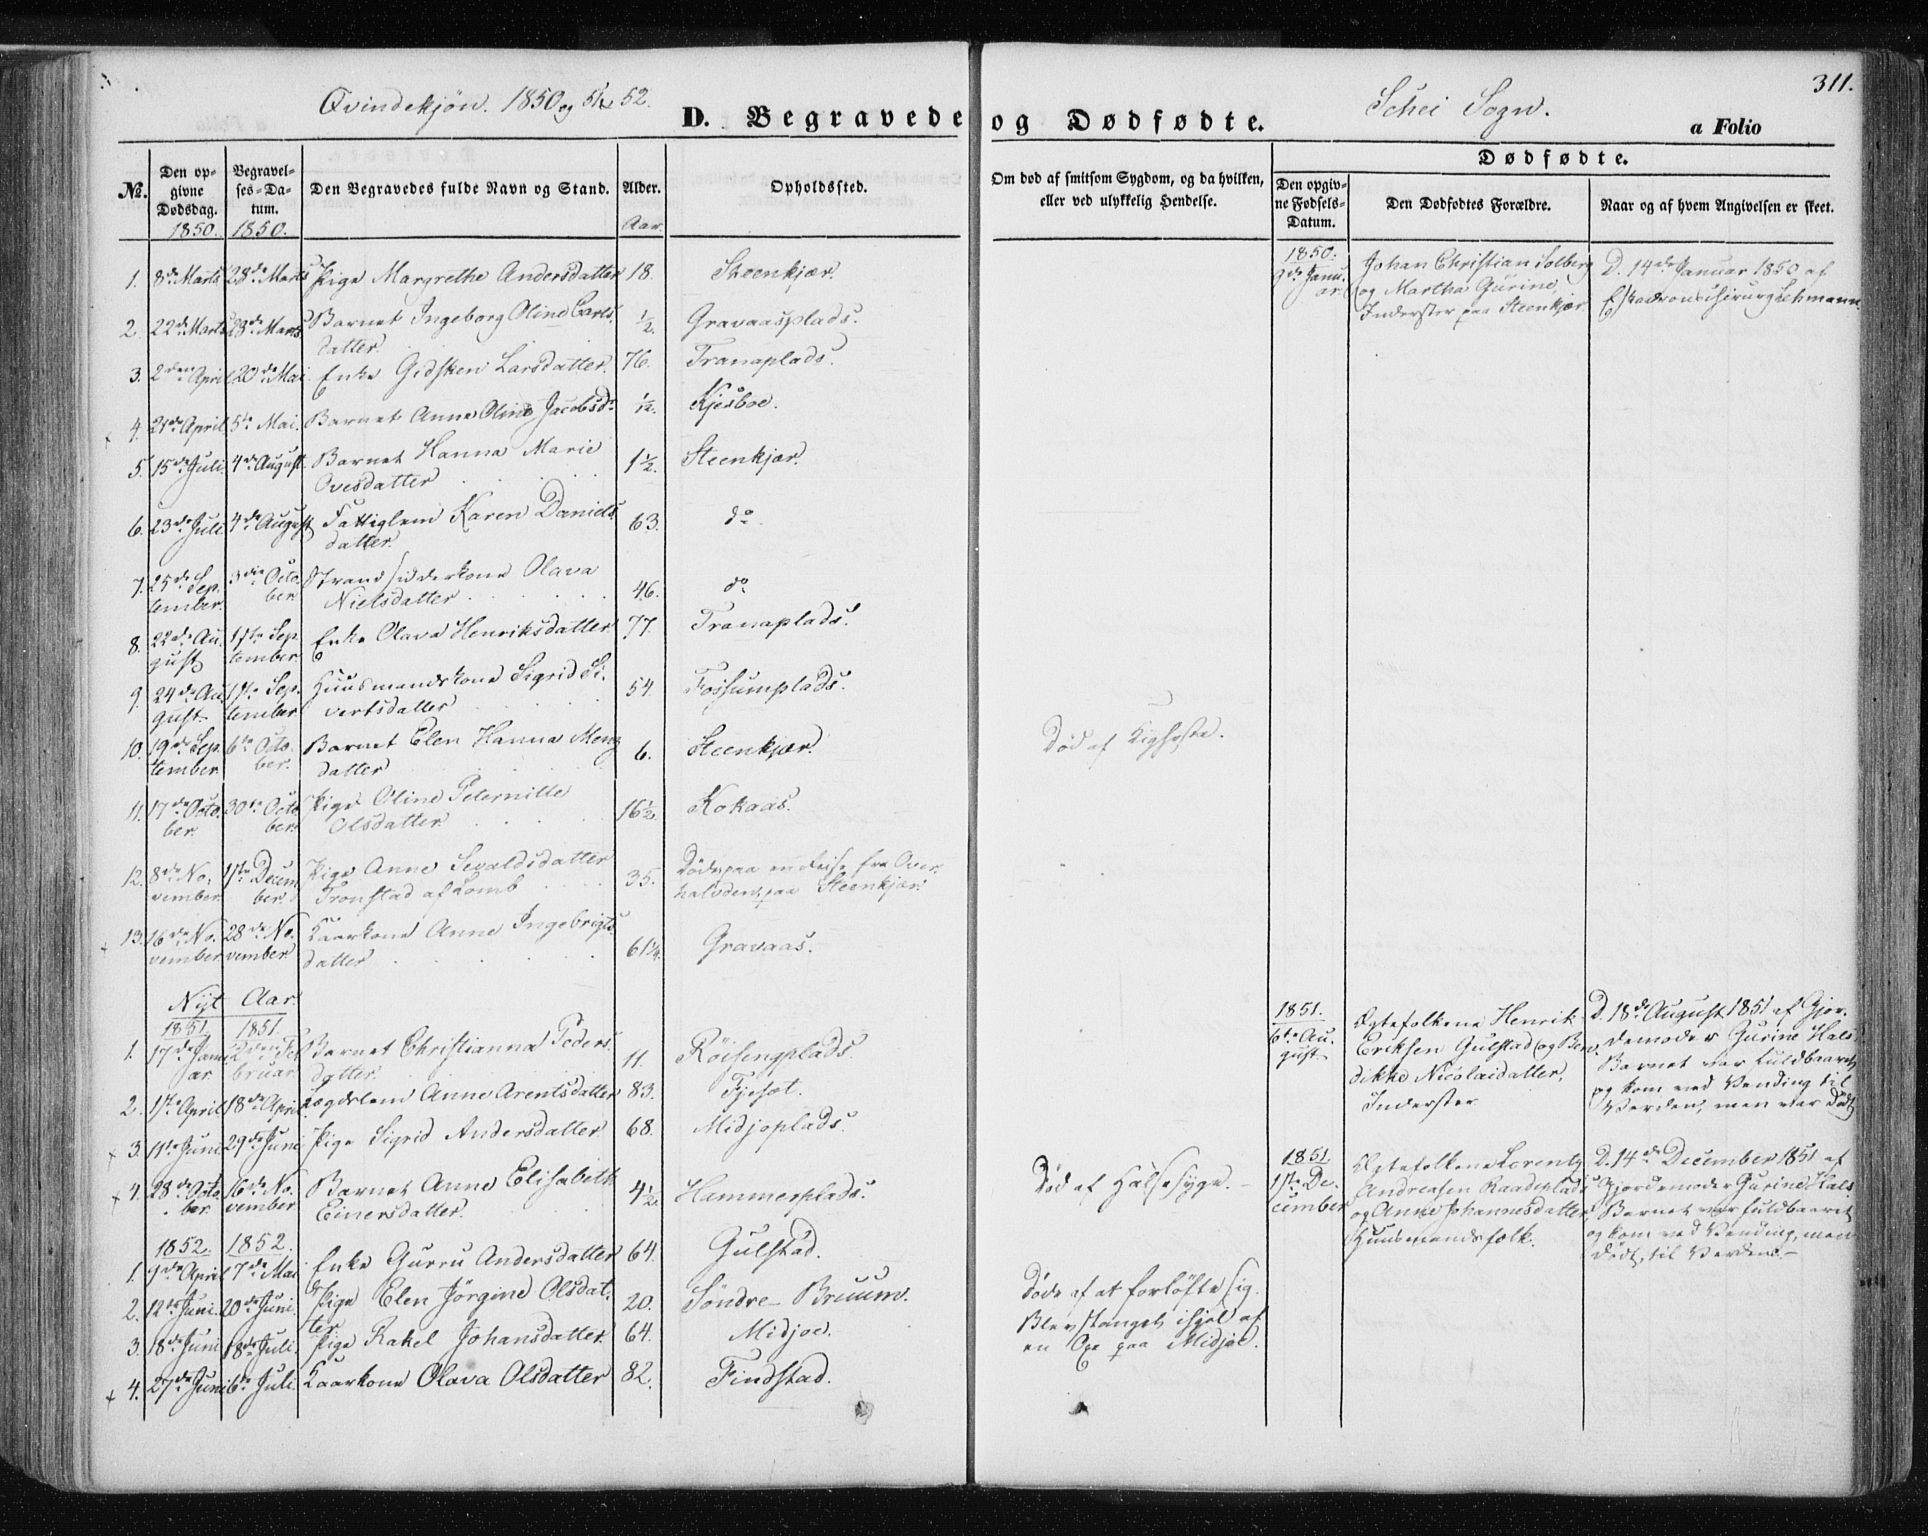 SAT, Ministerialprotokoller, klokkerbøker og fødselsregistre - Nord-Trøndelag, 735/L0342: Ministerialbok nr. 735A07 /2, 1849-1862, s. 311